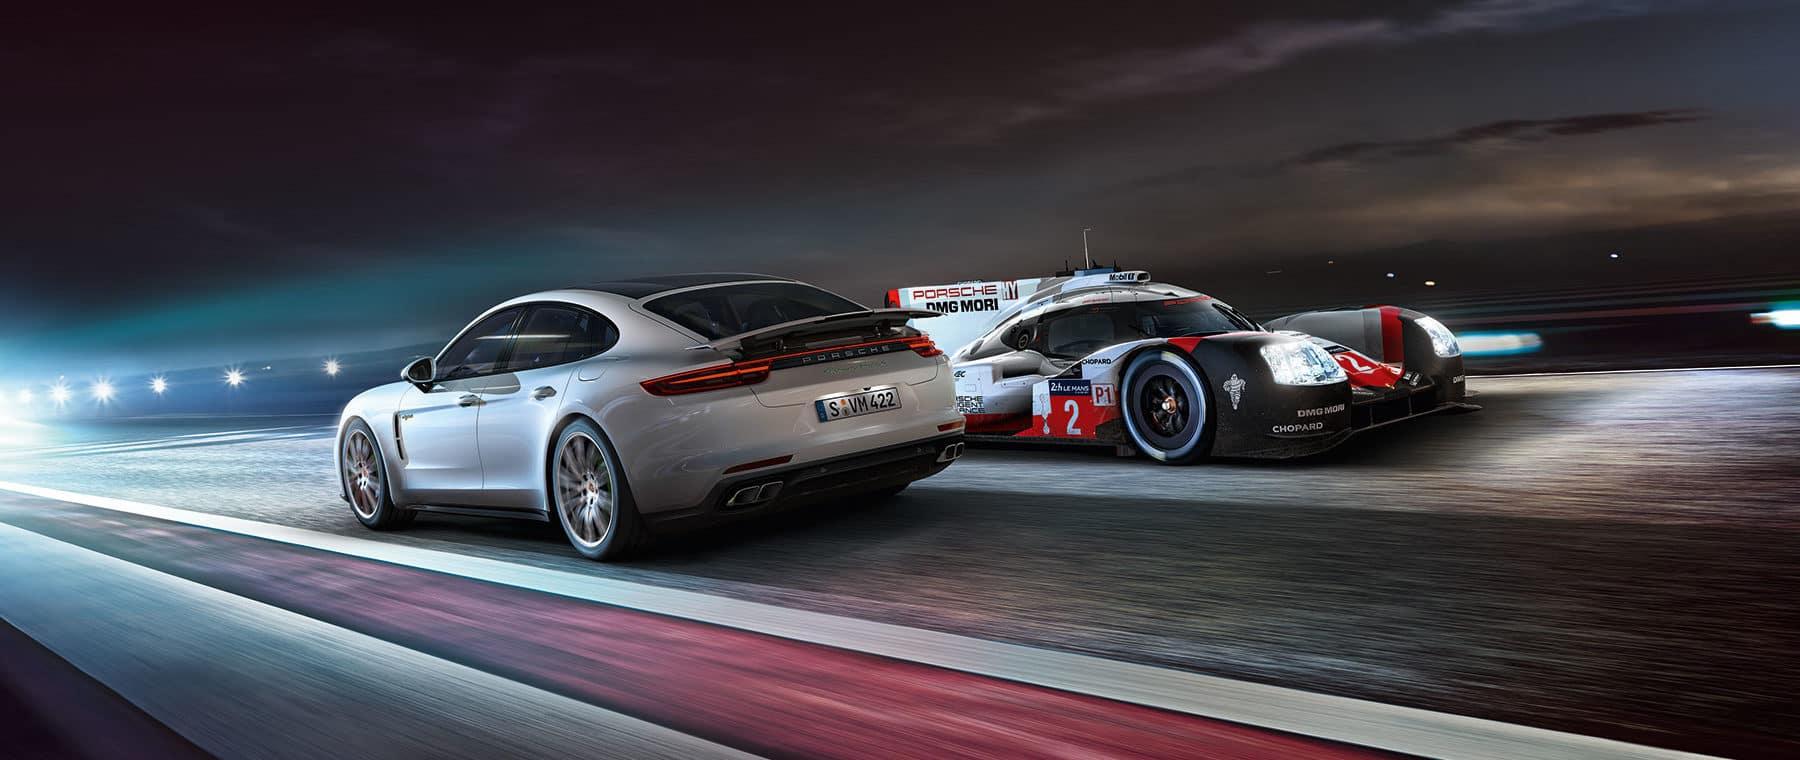 Autobahn Porsche Fort Worth | Panamera